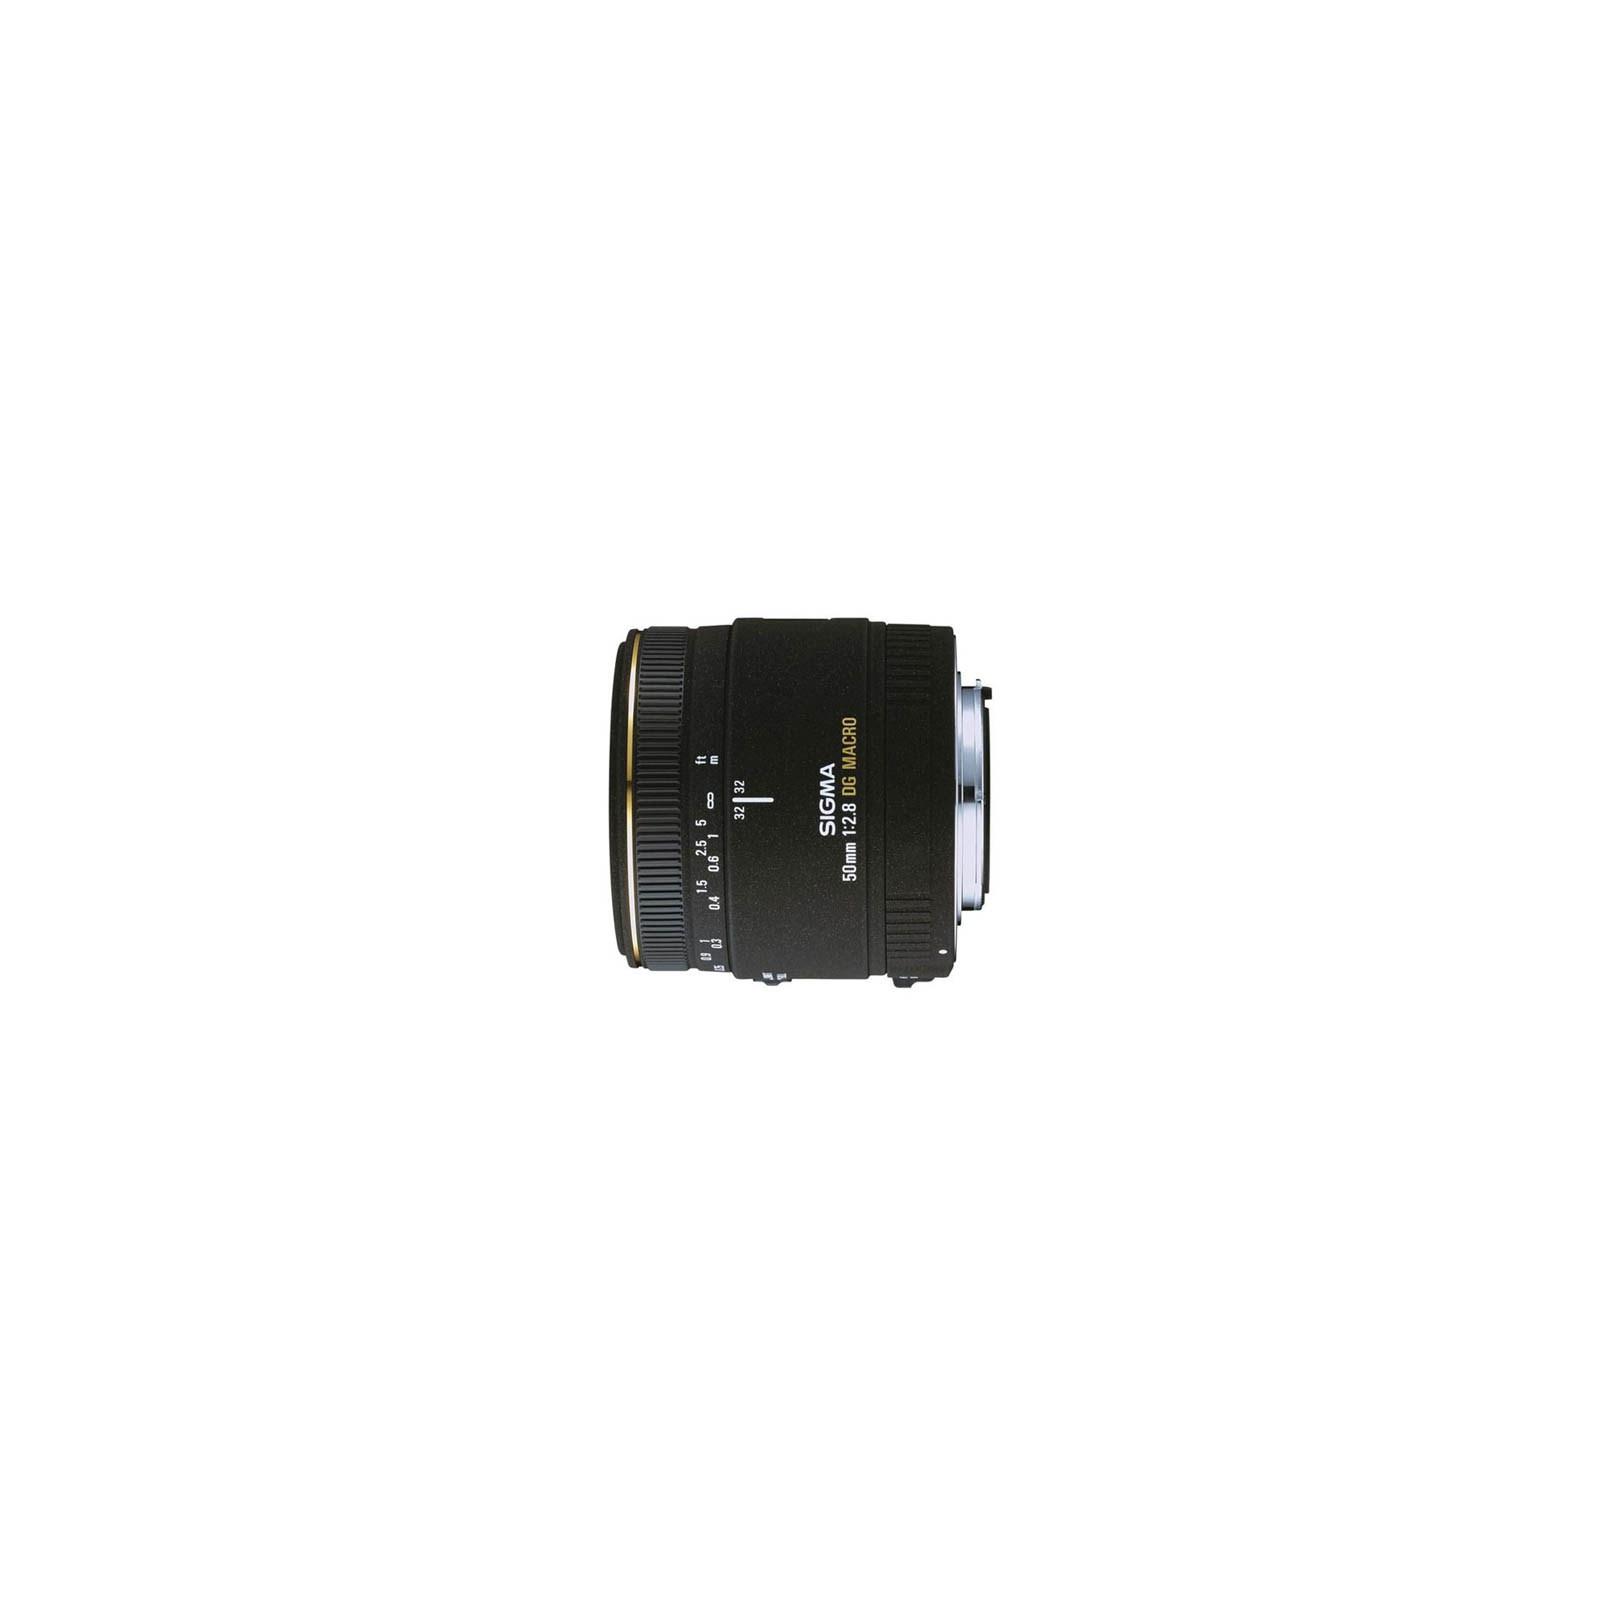 Объектив Sigma 50mm f/2.8 EX DG macro for Canon (346927)